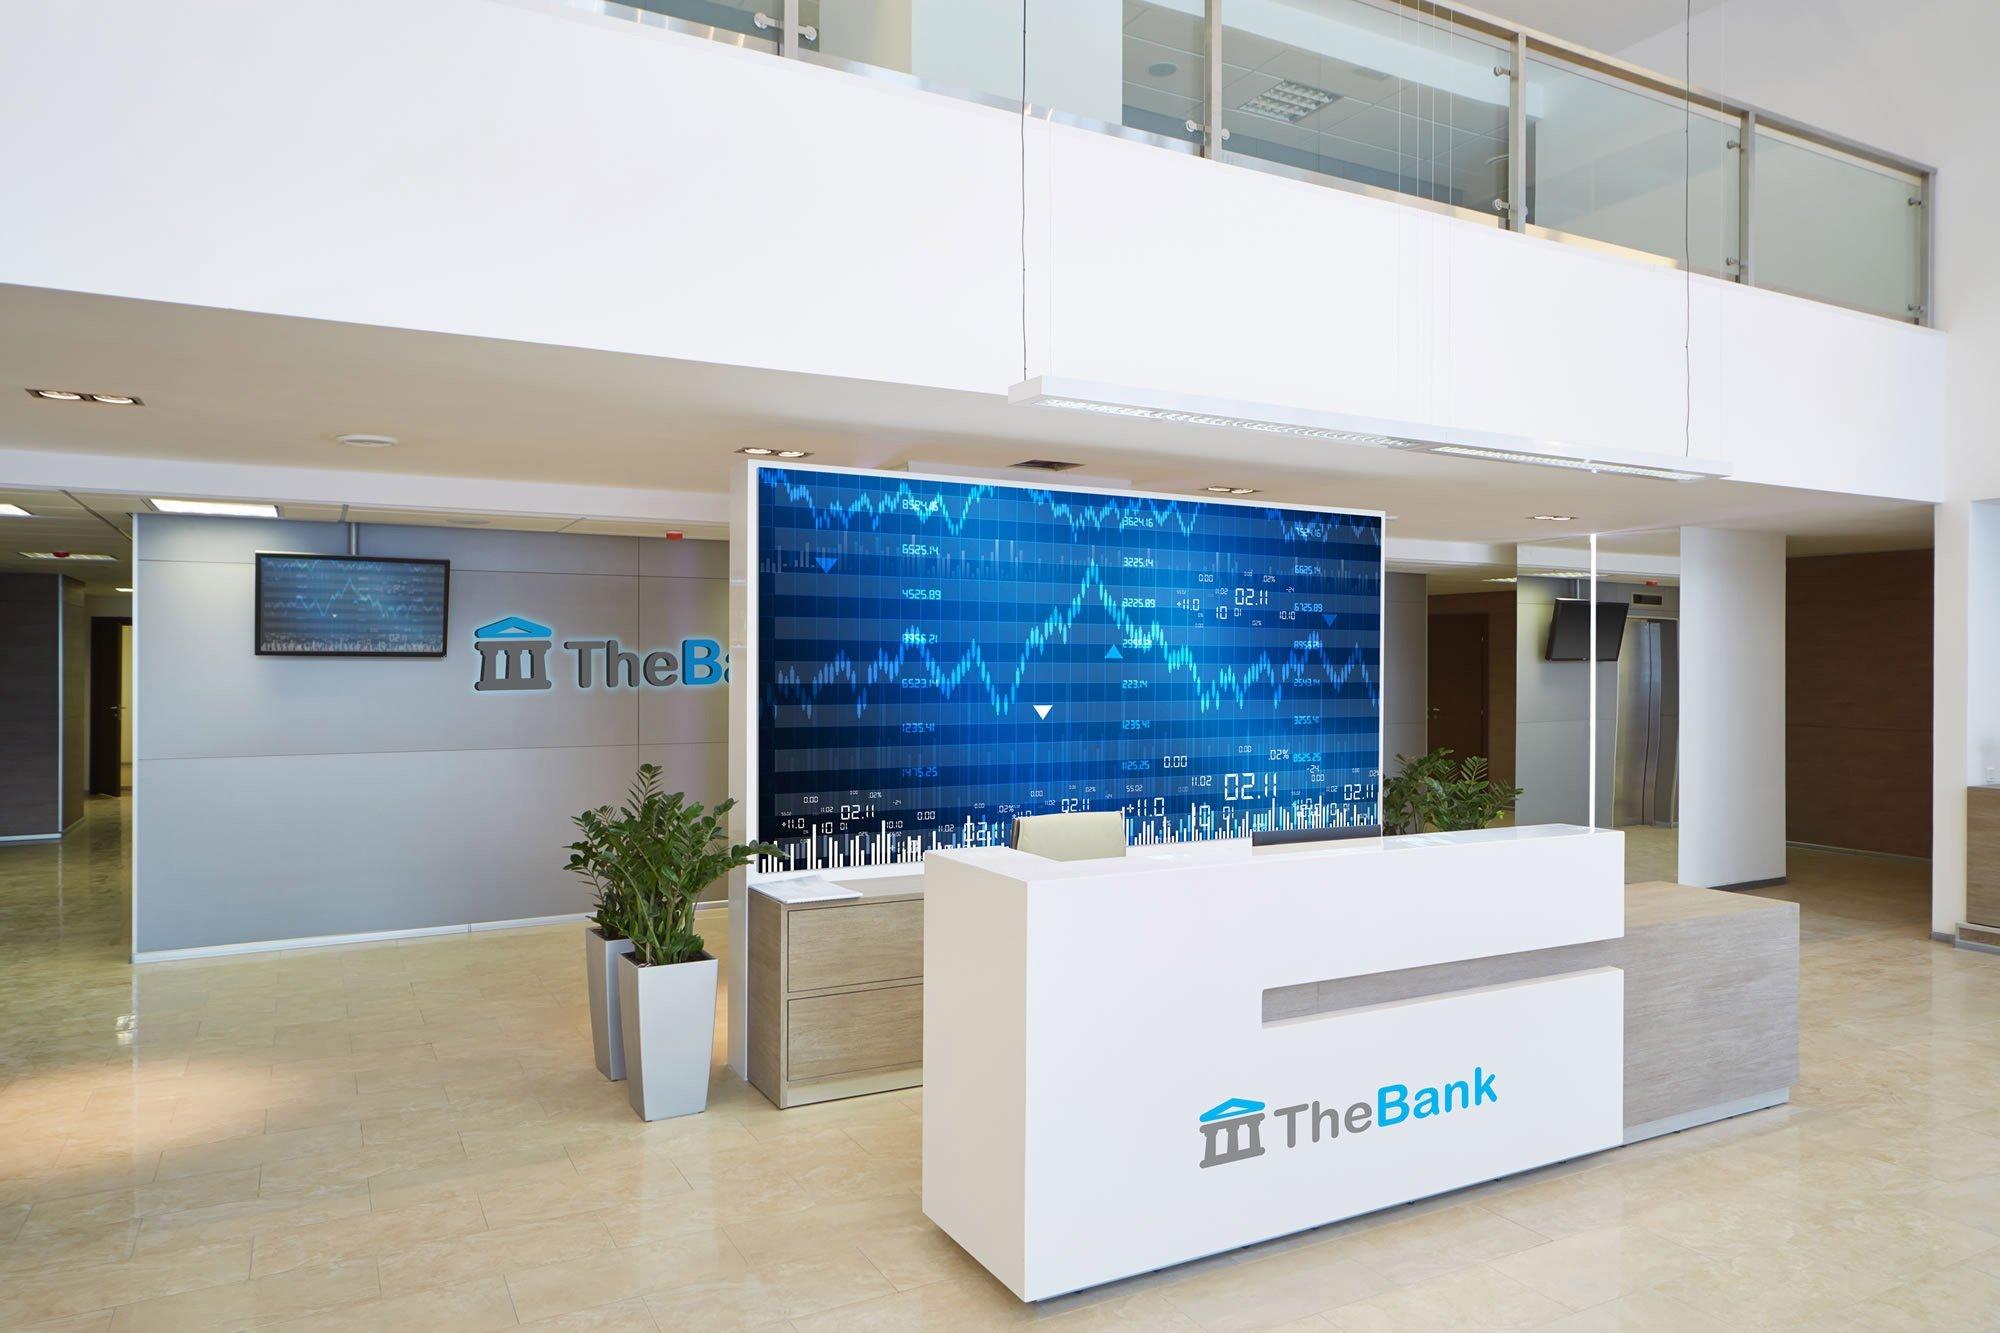 Eingangbereich einer Bank mit Rezeption und LED Wand im Hindergrund